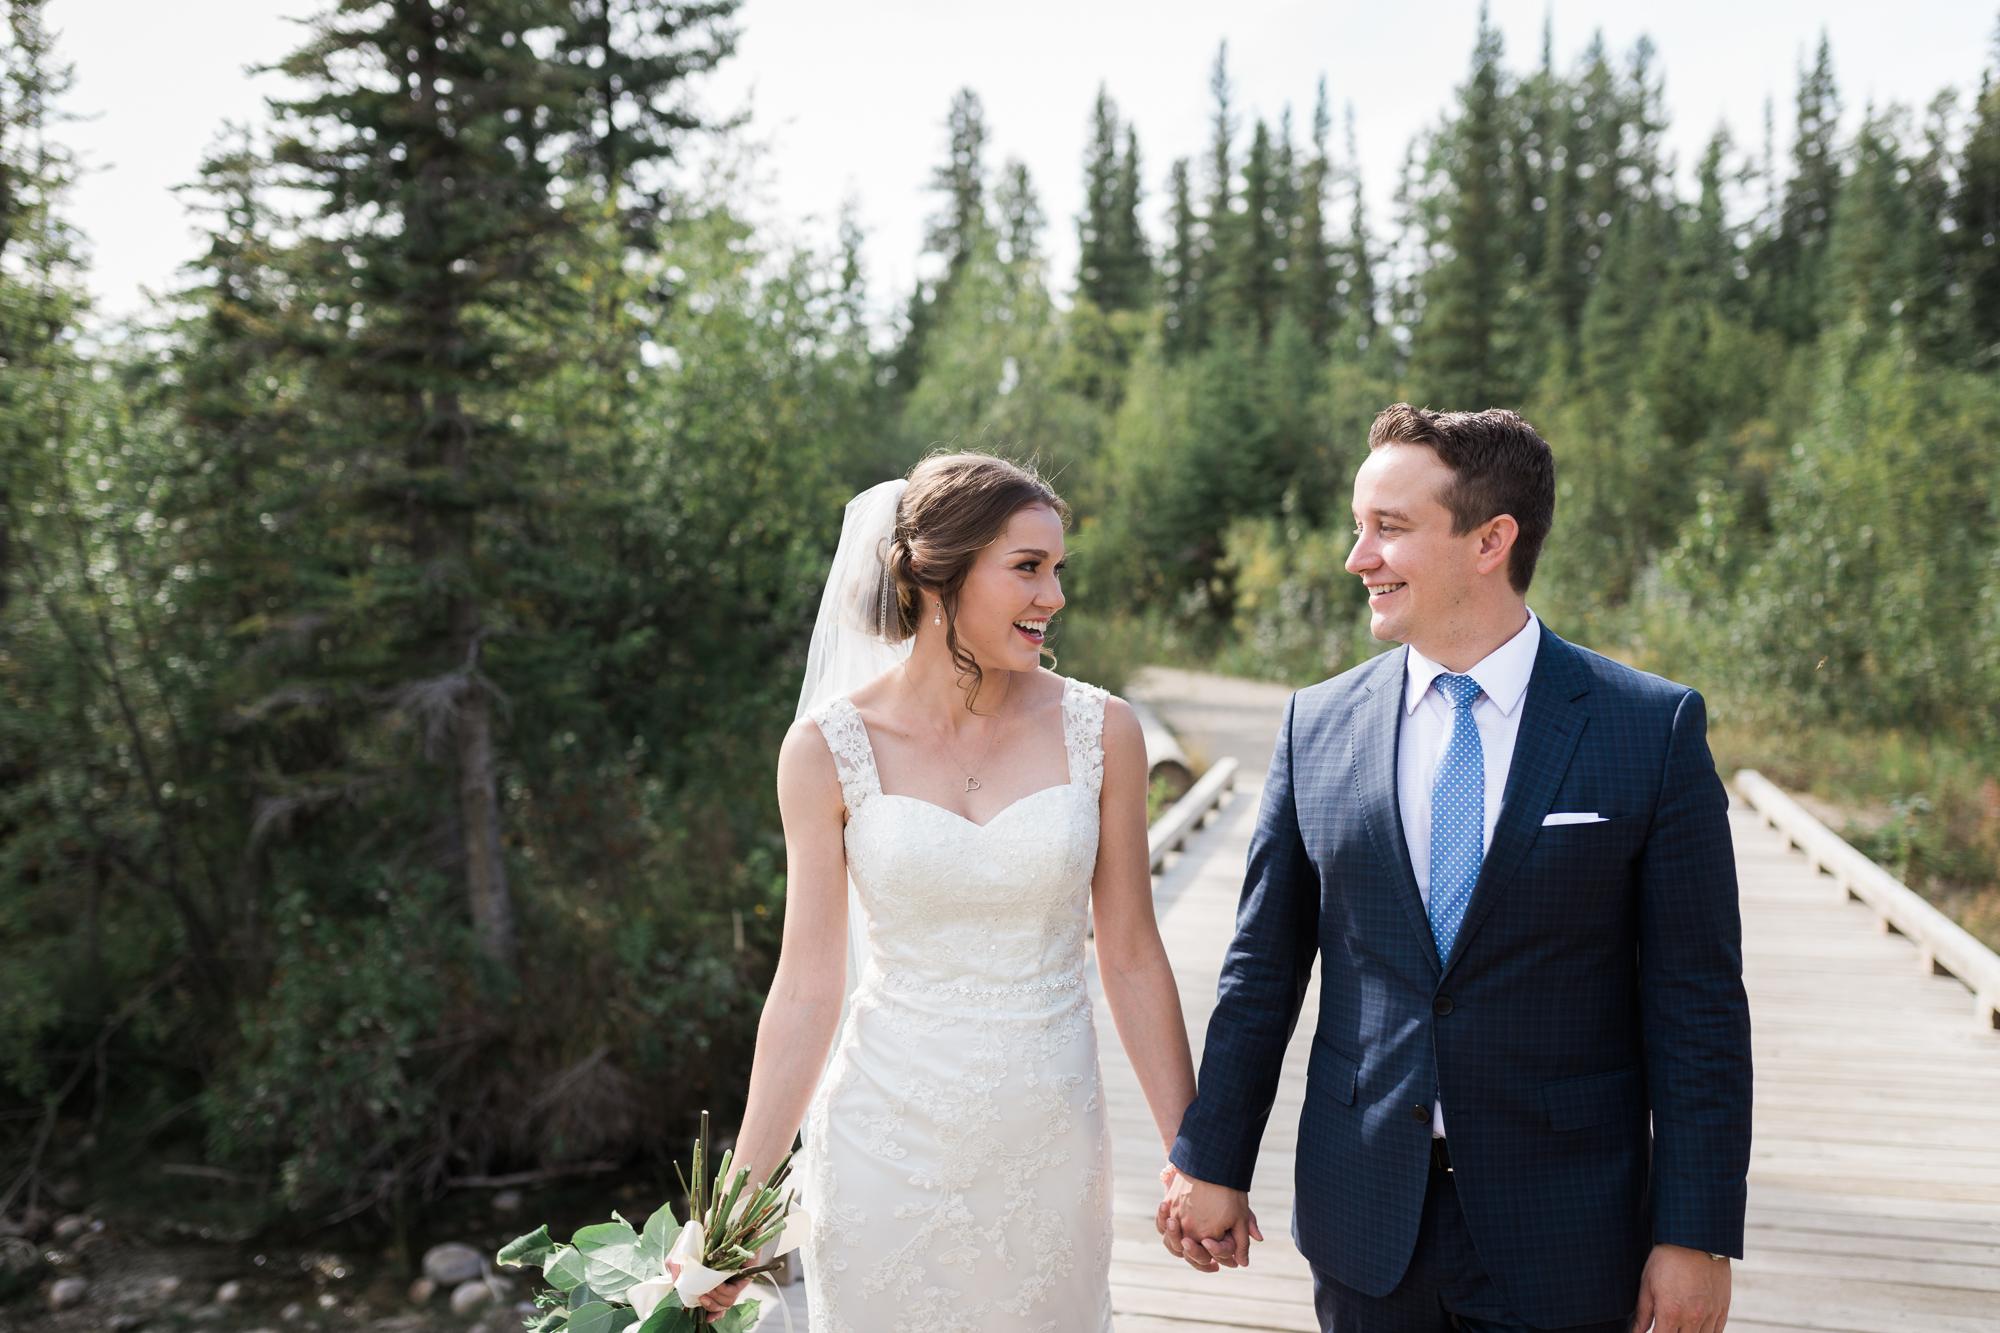 Deanna-Rachel-Photography-calgary-Wedding-photographer-jm-41.jpg